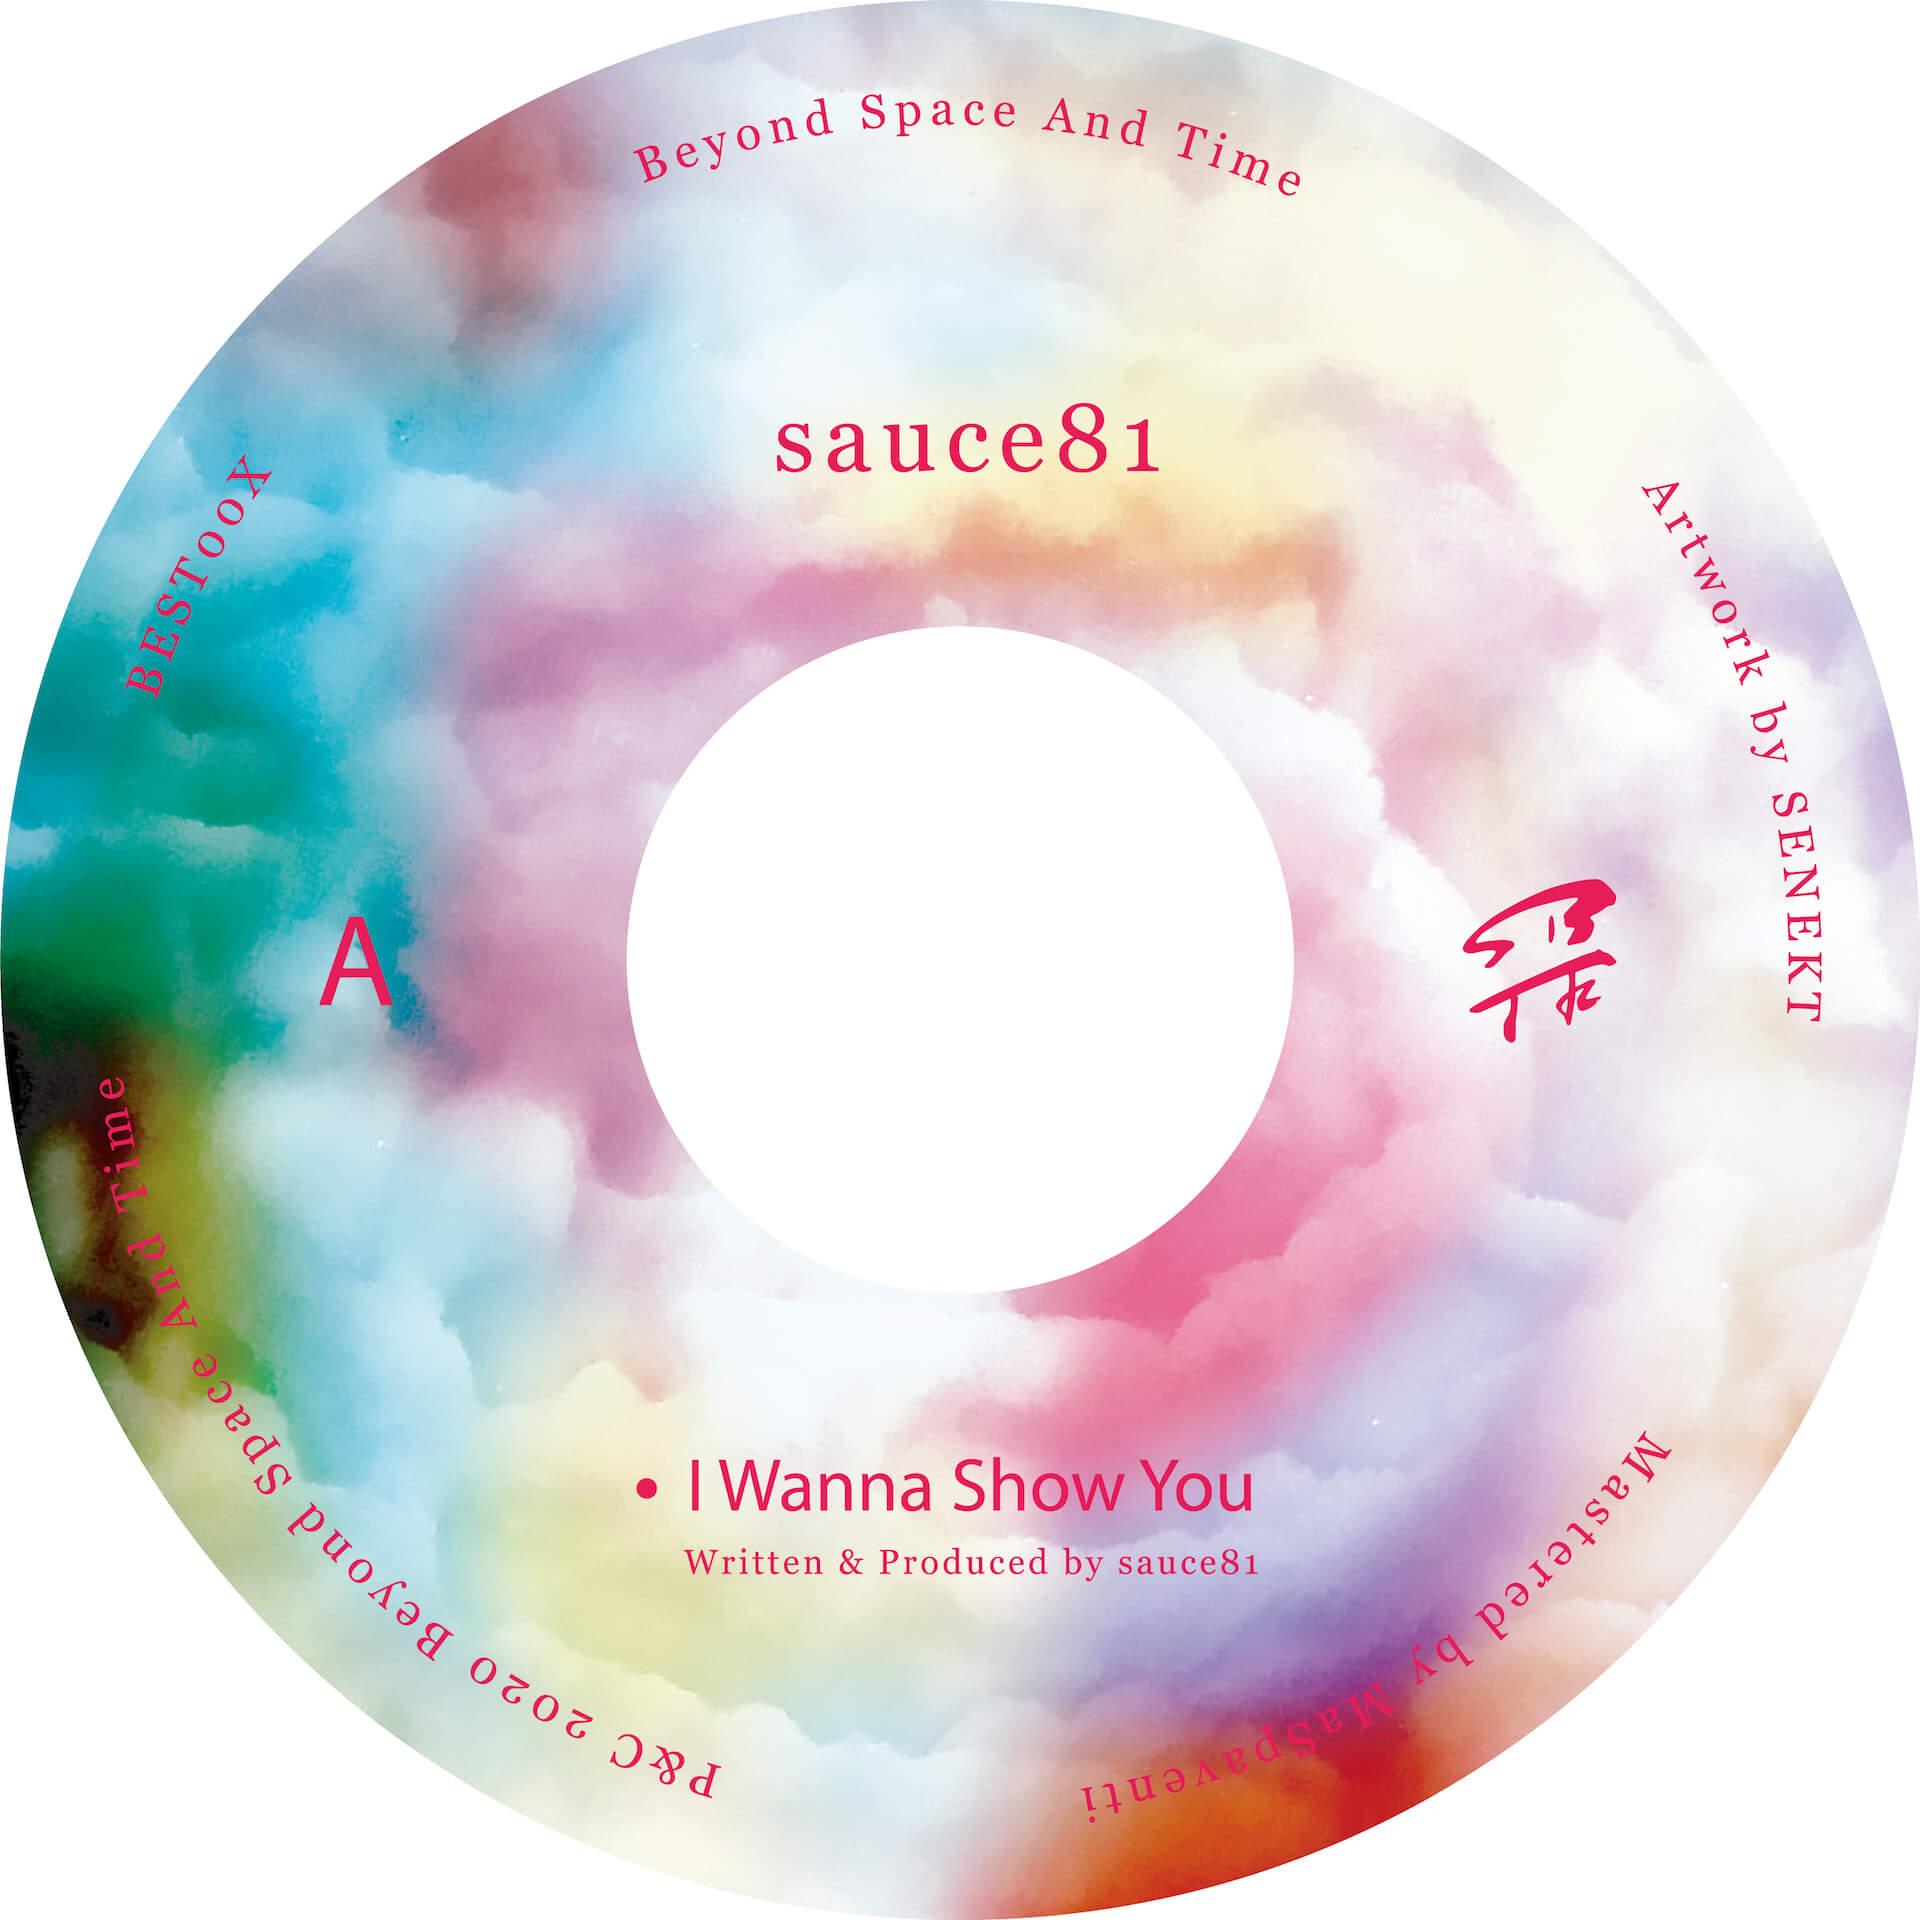 sauce81の未発表音源2曲が7インチレコードとしてRainbow Disco Clubのレーベルよりリリース アートワークはSENEKTが担当 music200824_sauce81_1